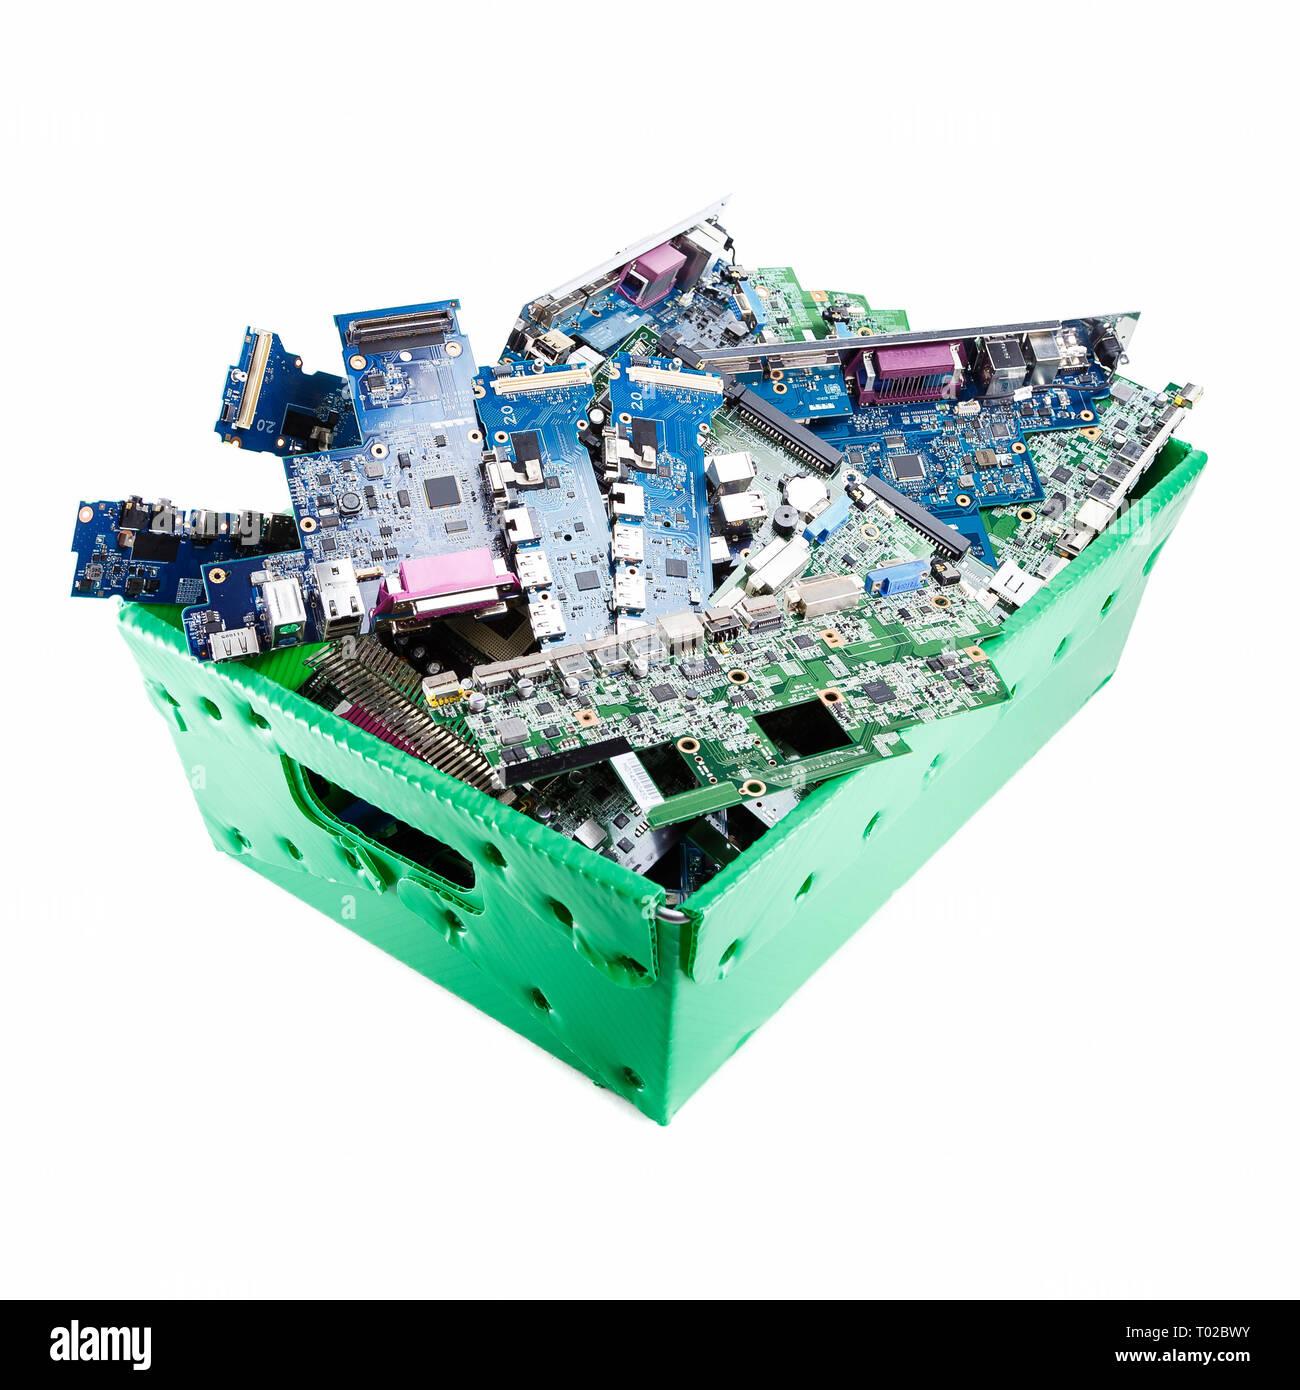 Computer Teile Bereit Fur Das Recycling Auf Weissem Hintergrund Motherboard Mainboard Computer Hardware In Grun Papierkorb Stockfotografie Alamy